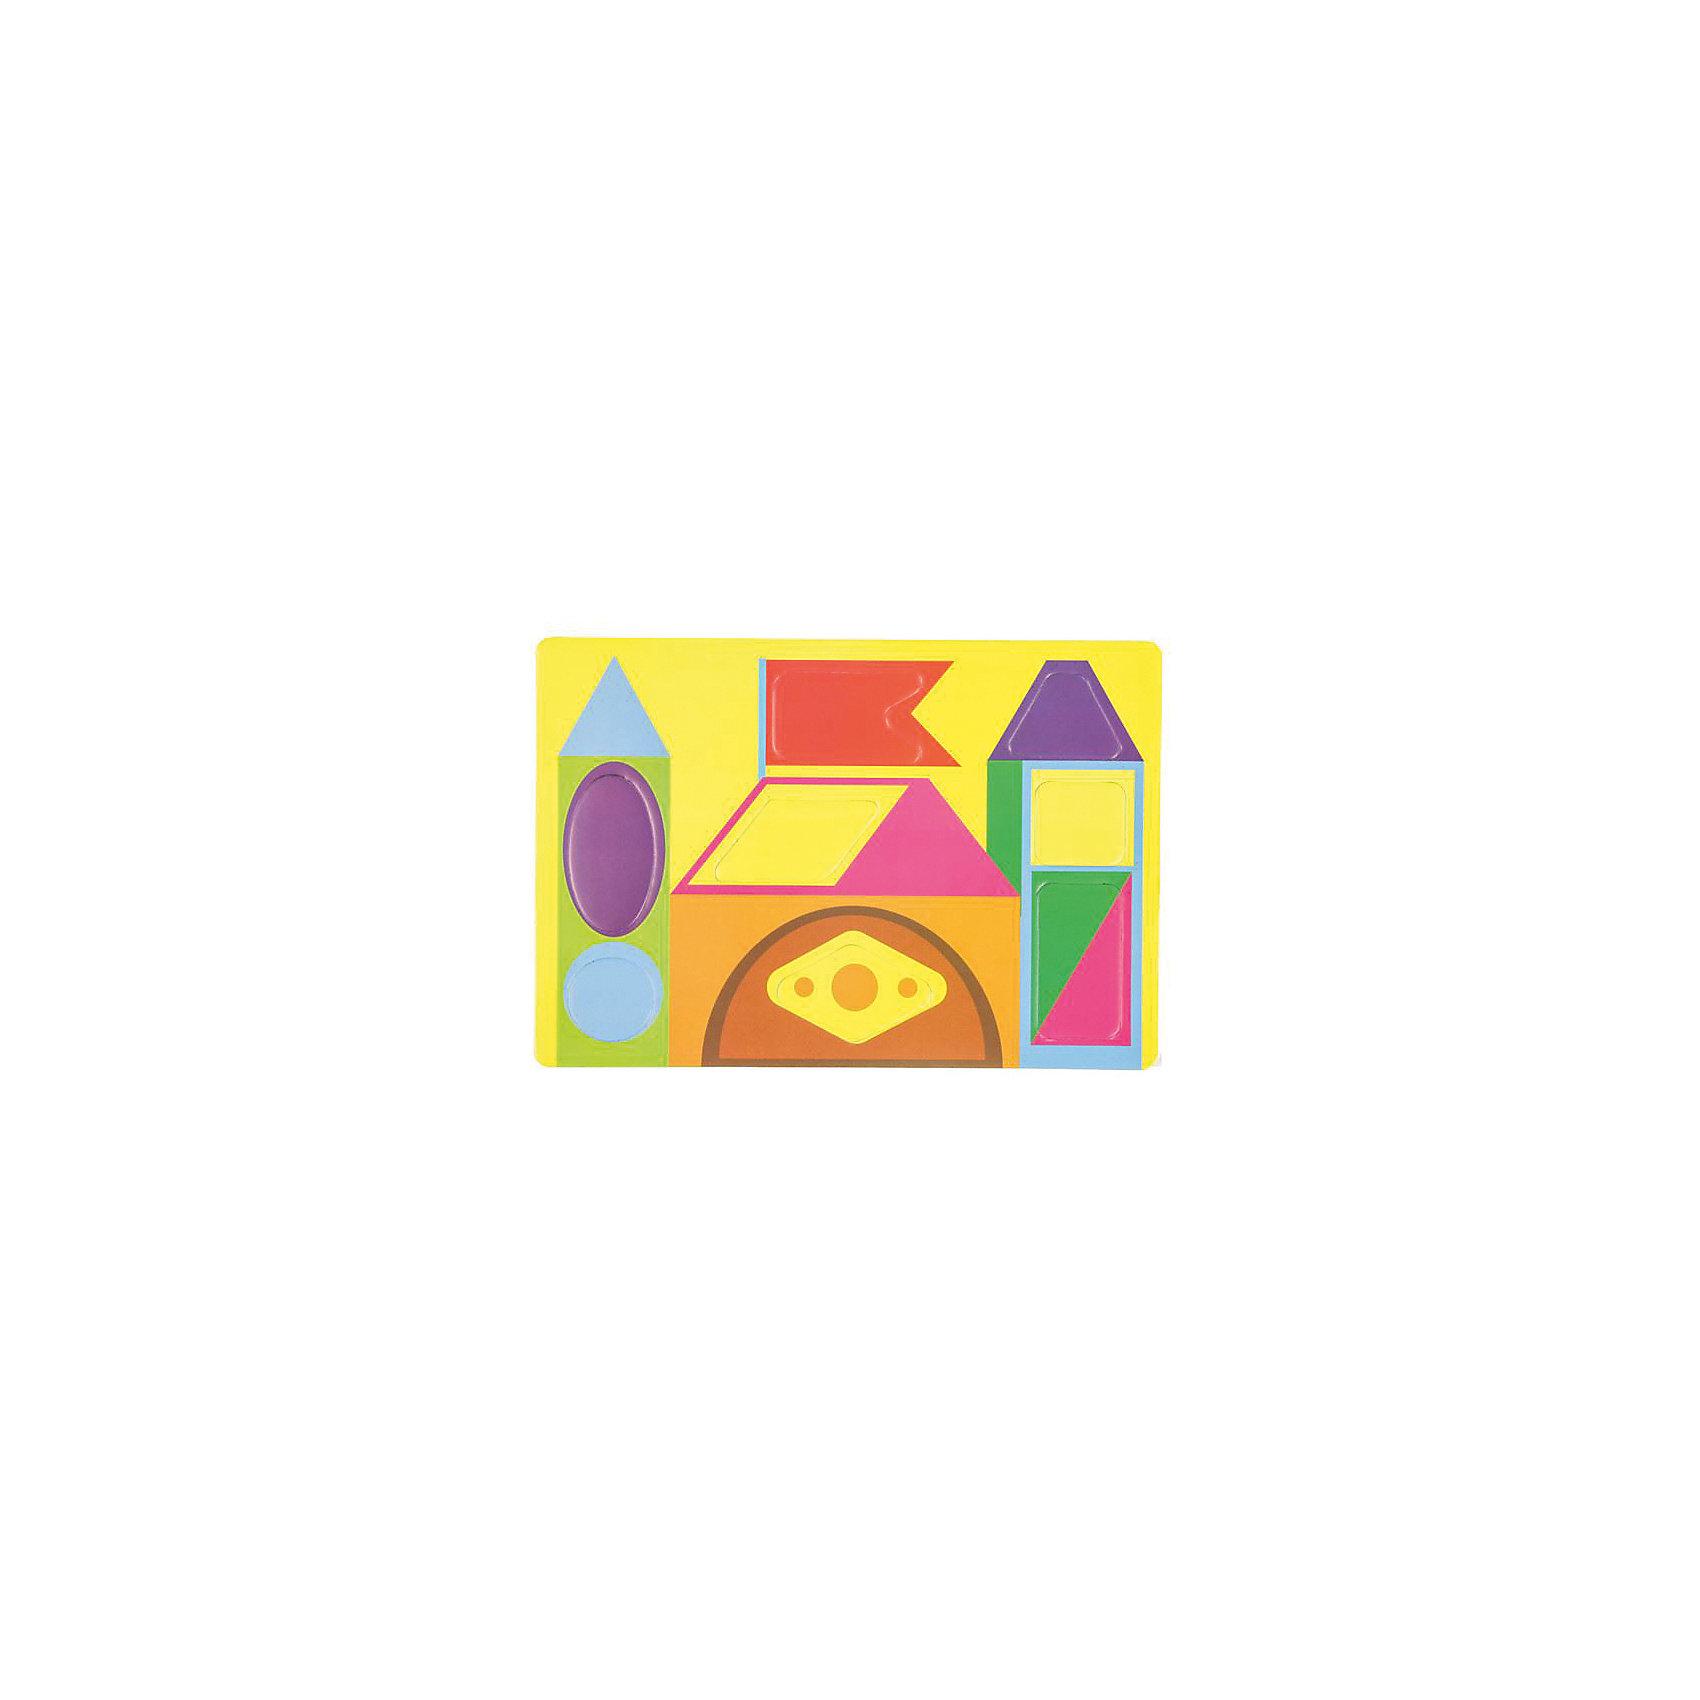 Мягкий конструктор Цветные формыПазлы для малышей<br>Мягкий конструктор Цветные формы<br><br>Характеристики:<br><br>• развивает мелкую моторику, логику и пространственное мышление<br>• мягкие детали из безопасных материалов<br>• размер упаковки: 22х24,3 см<br>• издательство: Феникс-Премьер<br>• вес: 25 грамм<br><br>Мягкий конструктор привлечет внимание ребенка и поможет провести время с пользой. Конструктор состоит из нескольких мягких деталей, из которых ребенок сможет собрать красивый геометрический узор или сооружение. Игра с мягким конструктором поможет развить мелкую моторику, координацию движений, логическое и пространственное мышление.<br><br>Мягкий конструктор Цветные формы можно купить в нашем интернет-магазине.<br><br>Ширина мм: 243<br>Глубина мм: 220<br>Высота мм: 20<br>Вес г: 25<br>Возраст от месяцев: 36<br>Возраст до месяцев: 2147483647<br>Пол: Унисекс<br>Возраст: Детский<br>SKU: 5518117